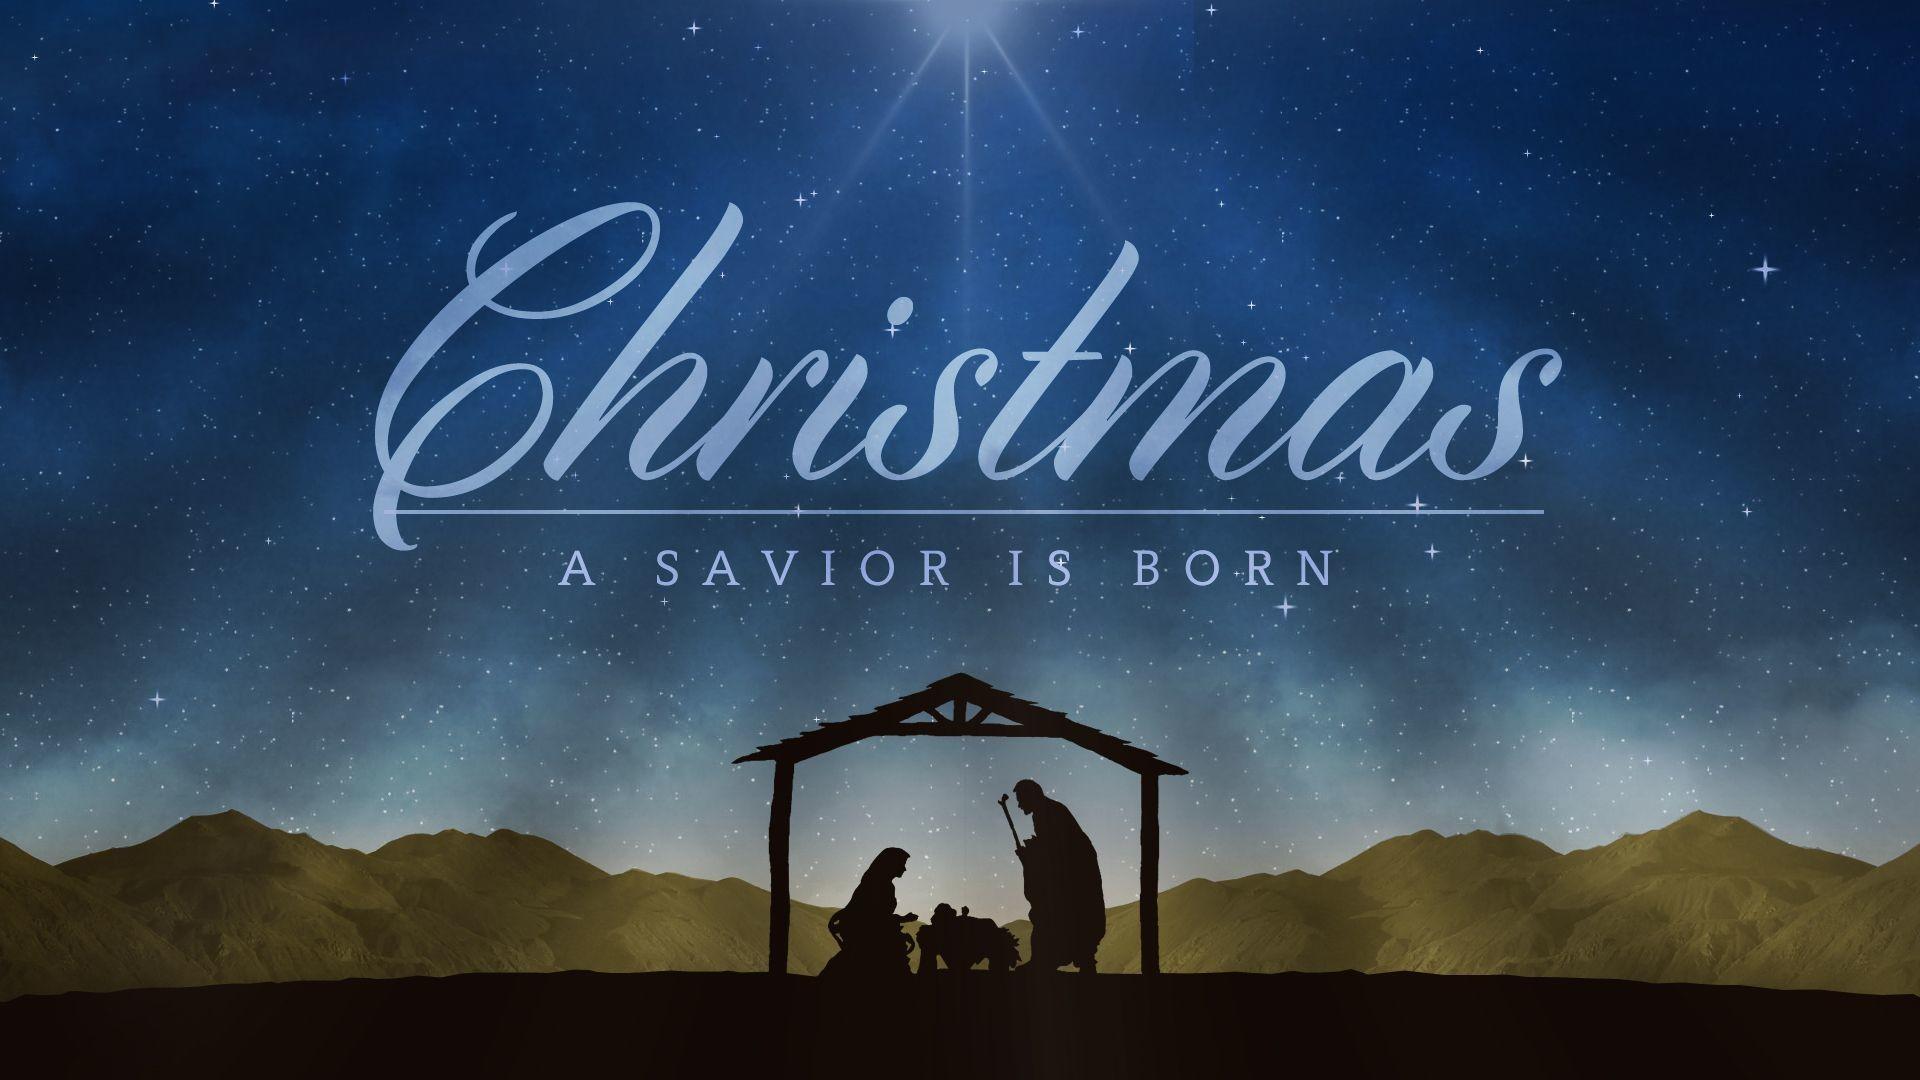 1920x1080 Christmas Nativity Background Images 14